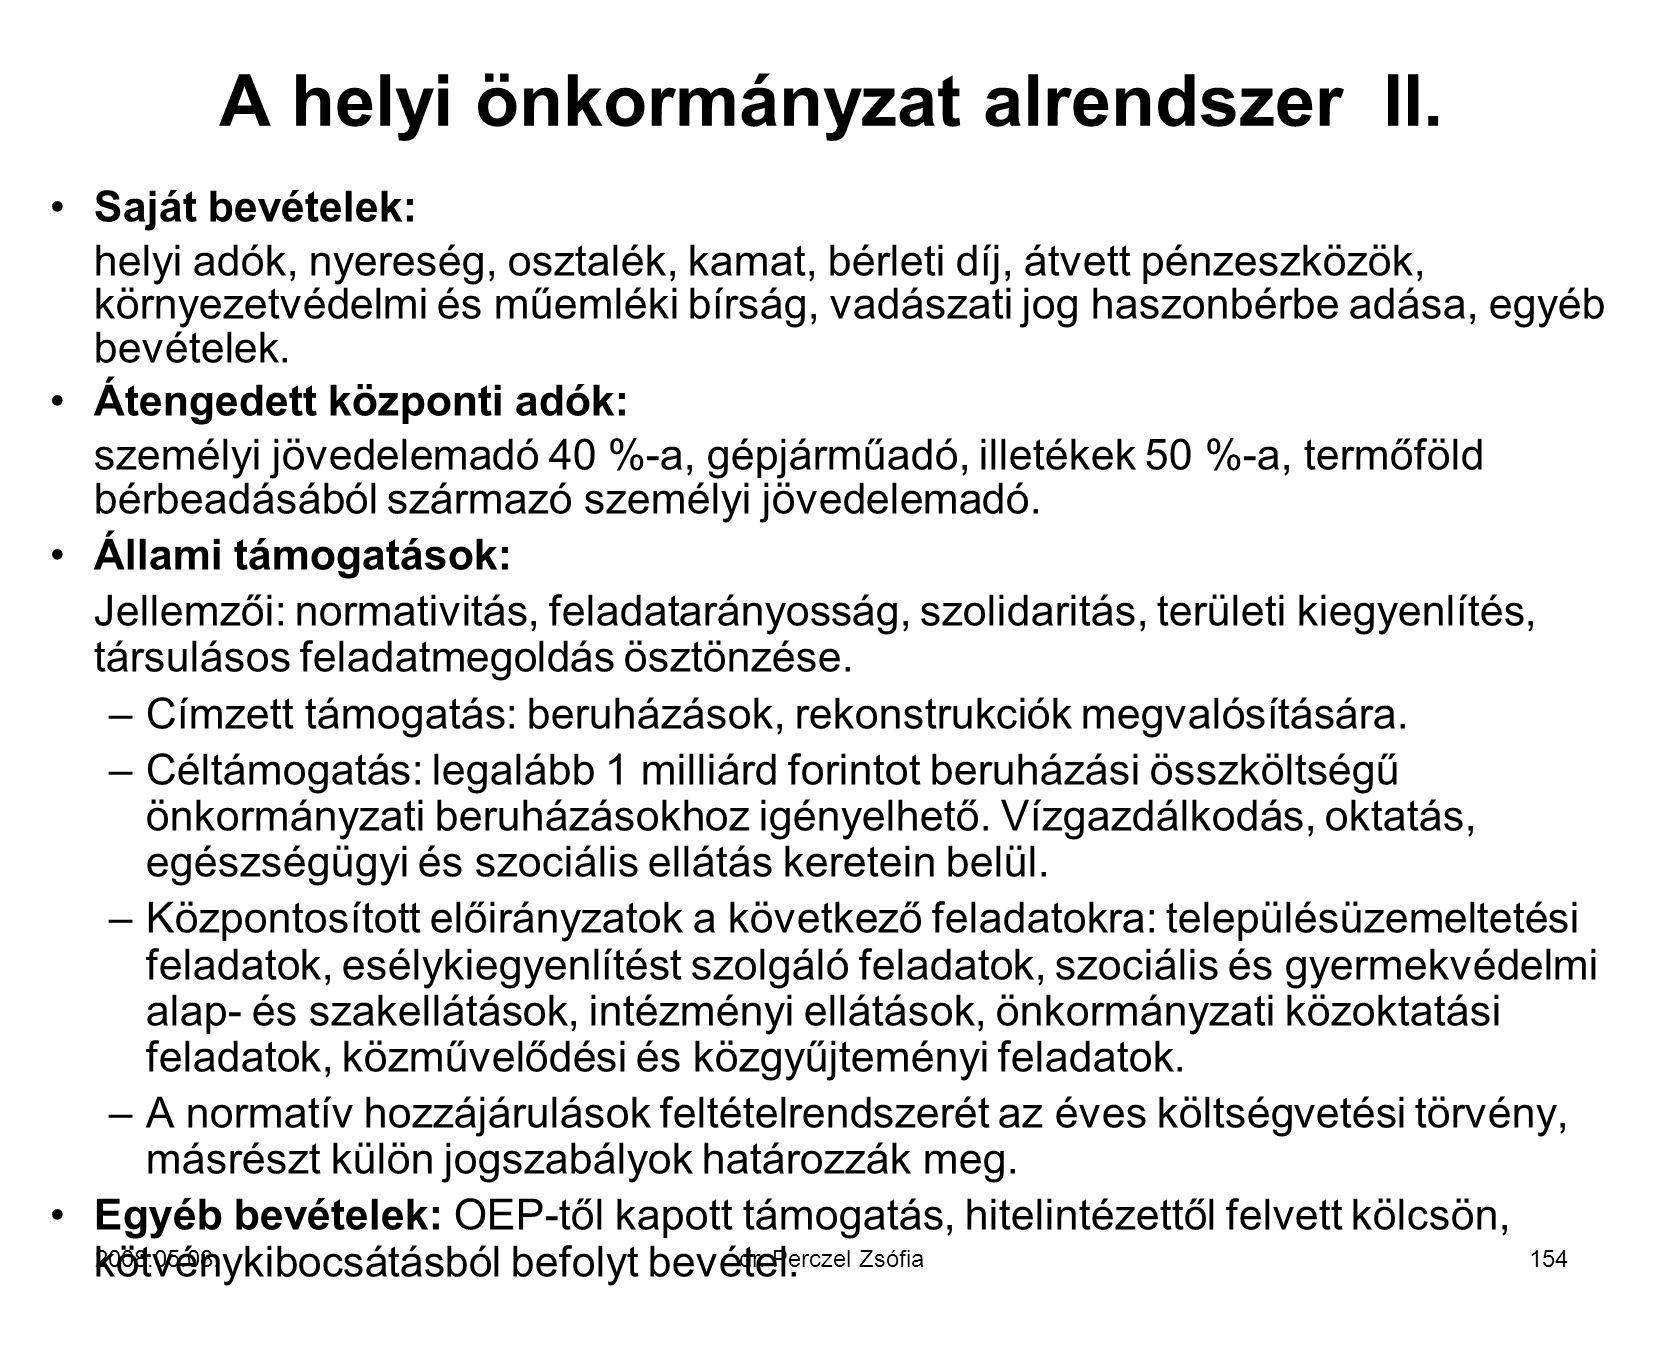 A helyi önkormányzat alrendszer II.